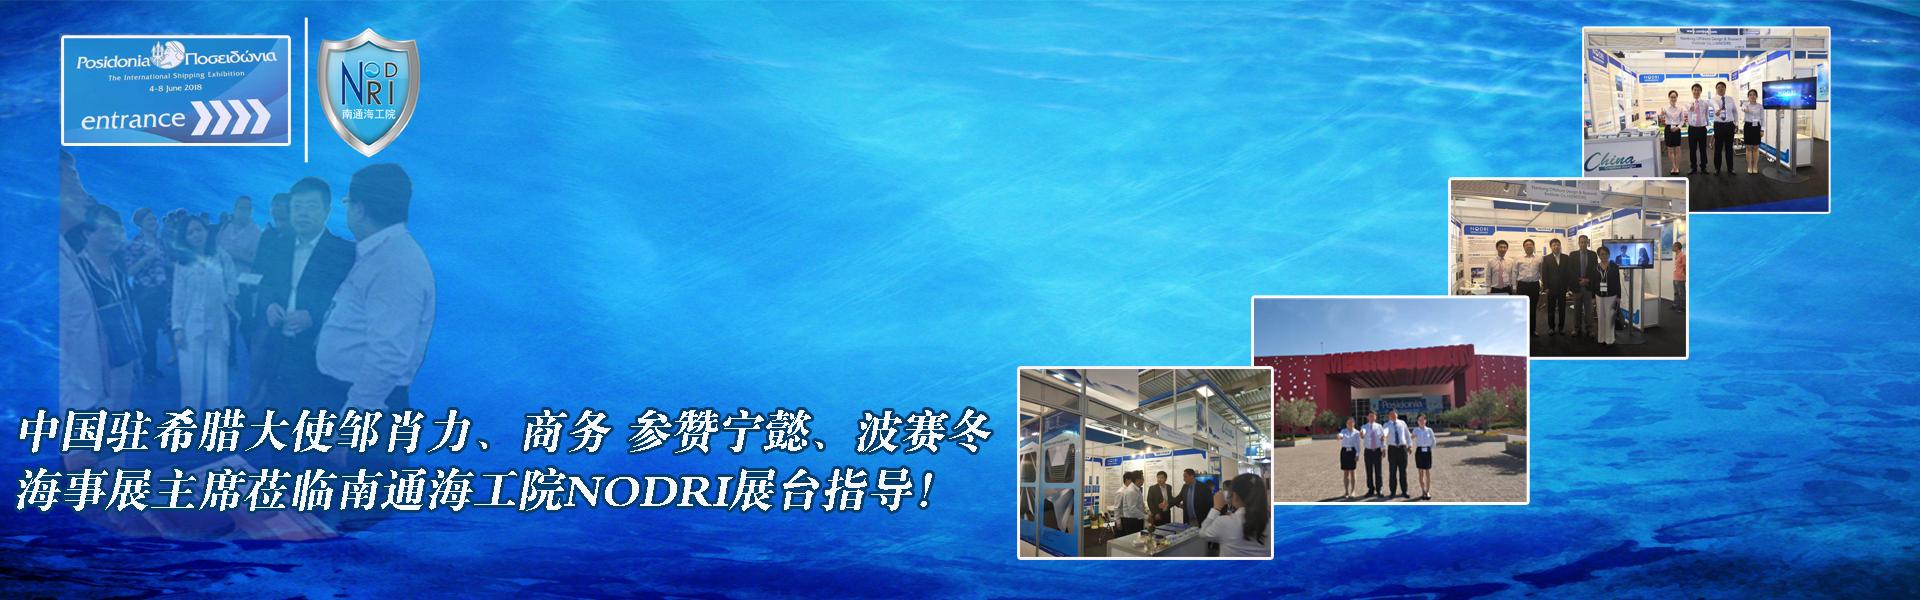 中国驻希腊大使莅临南通海工院NODRI展台指导